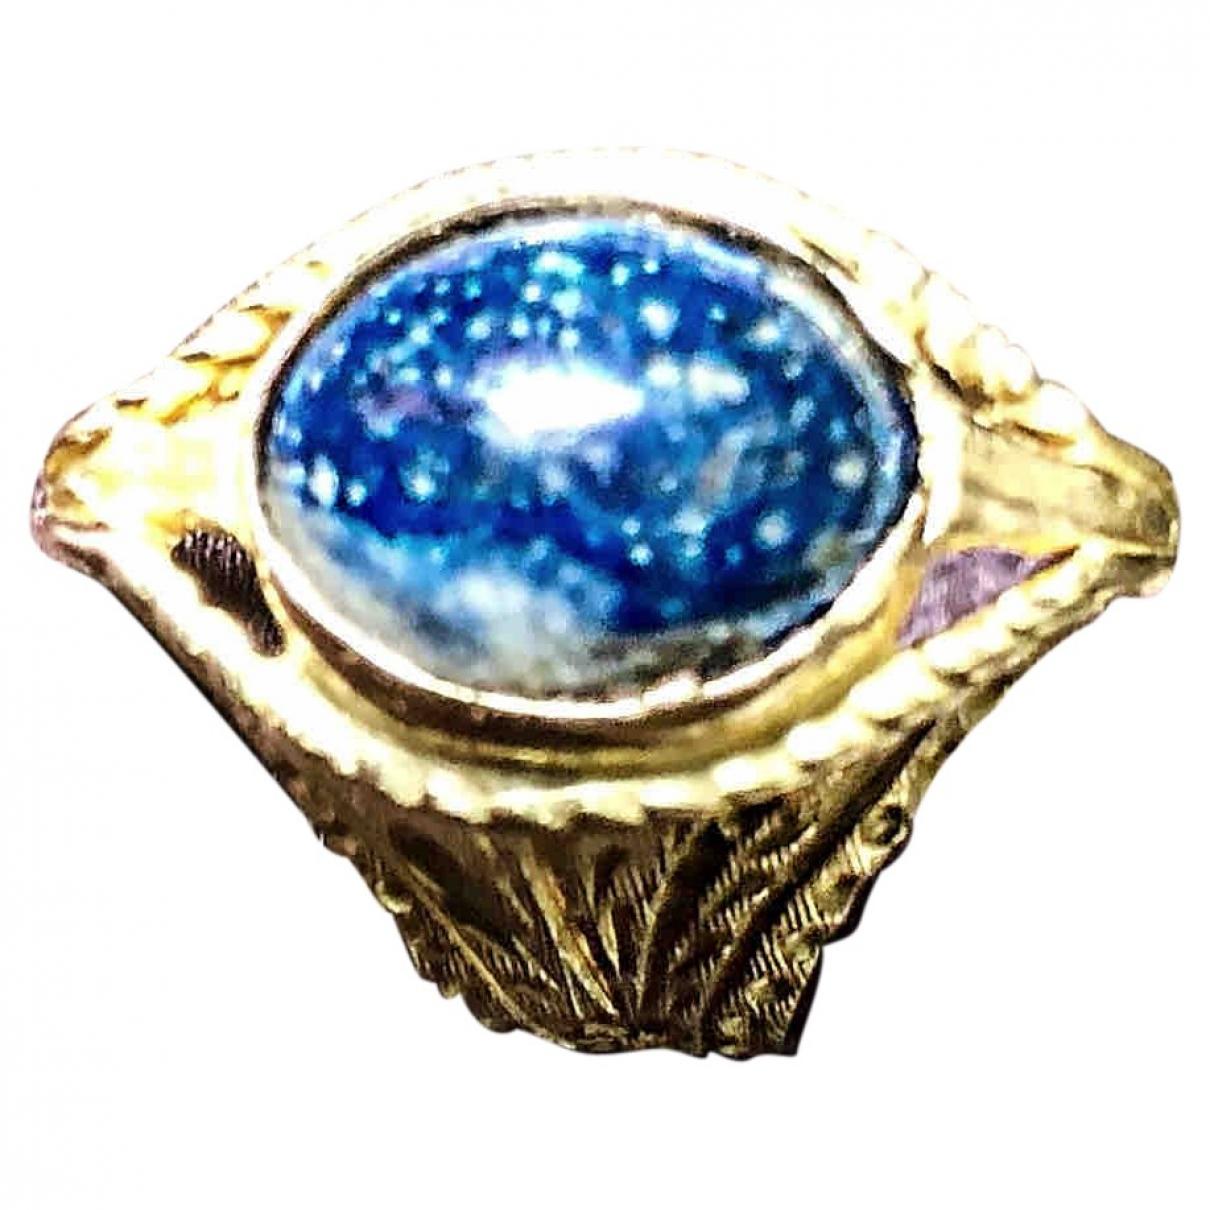 - Bague Lapis lazuli pour femme en or jaune - dore